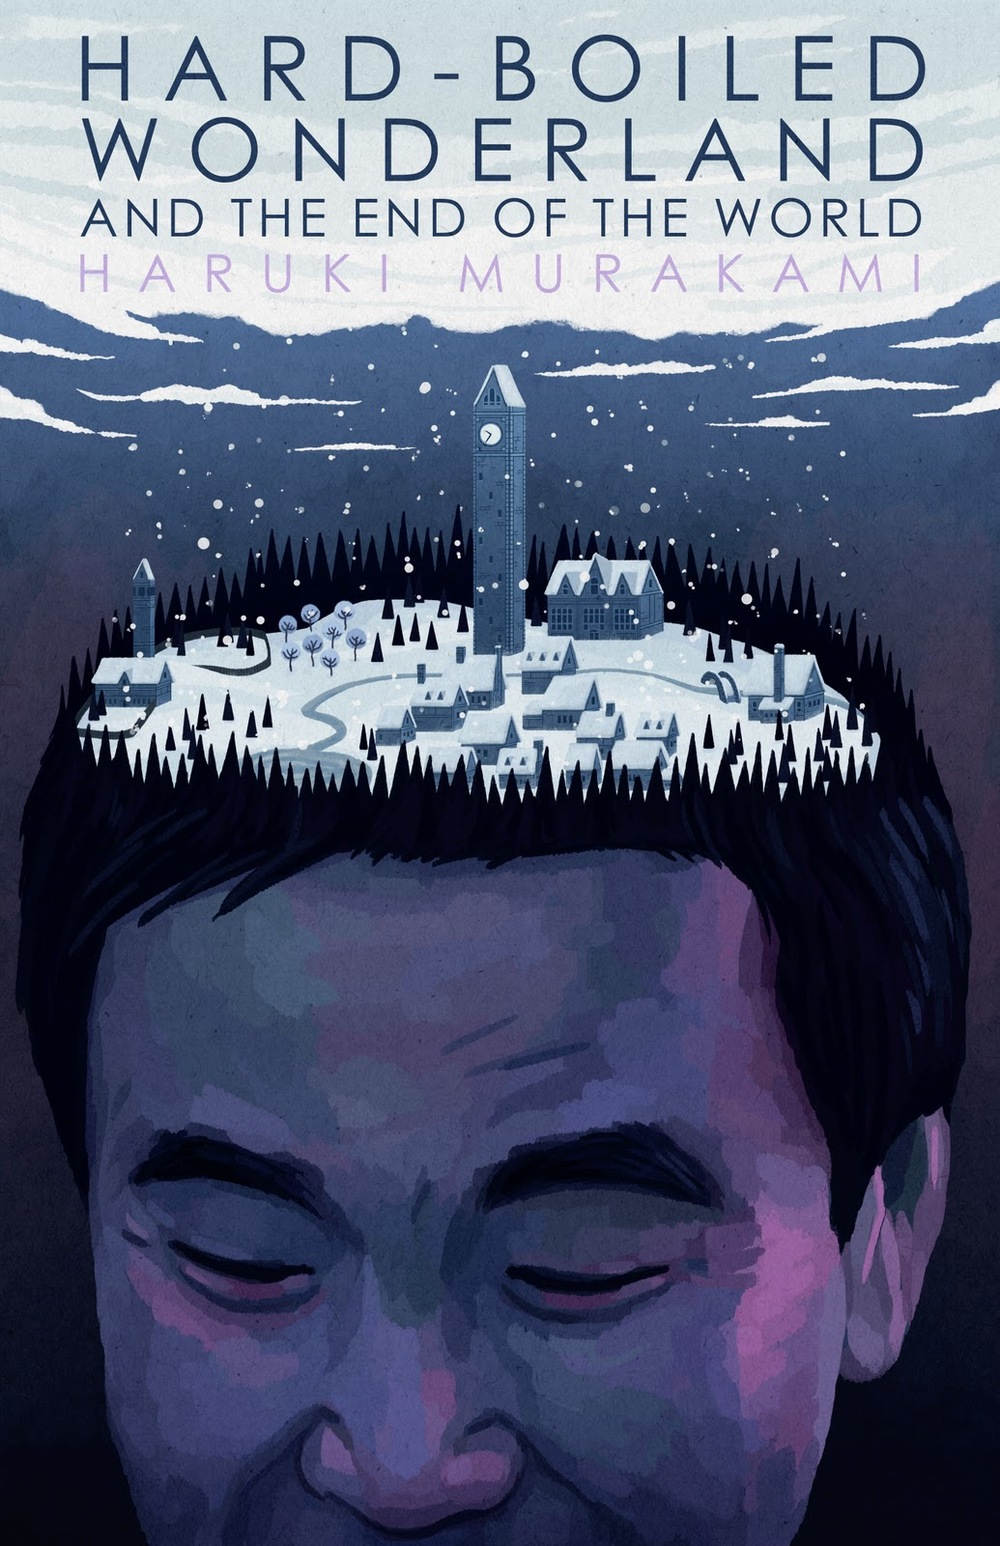 By Haruki Murakami